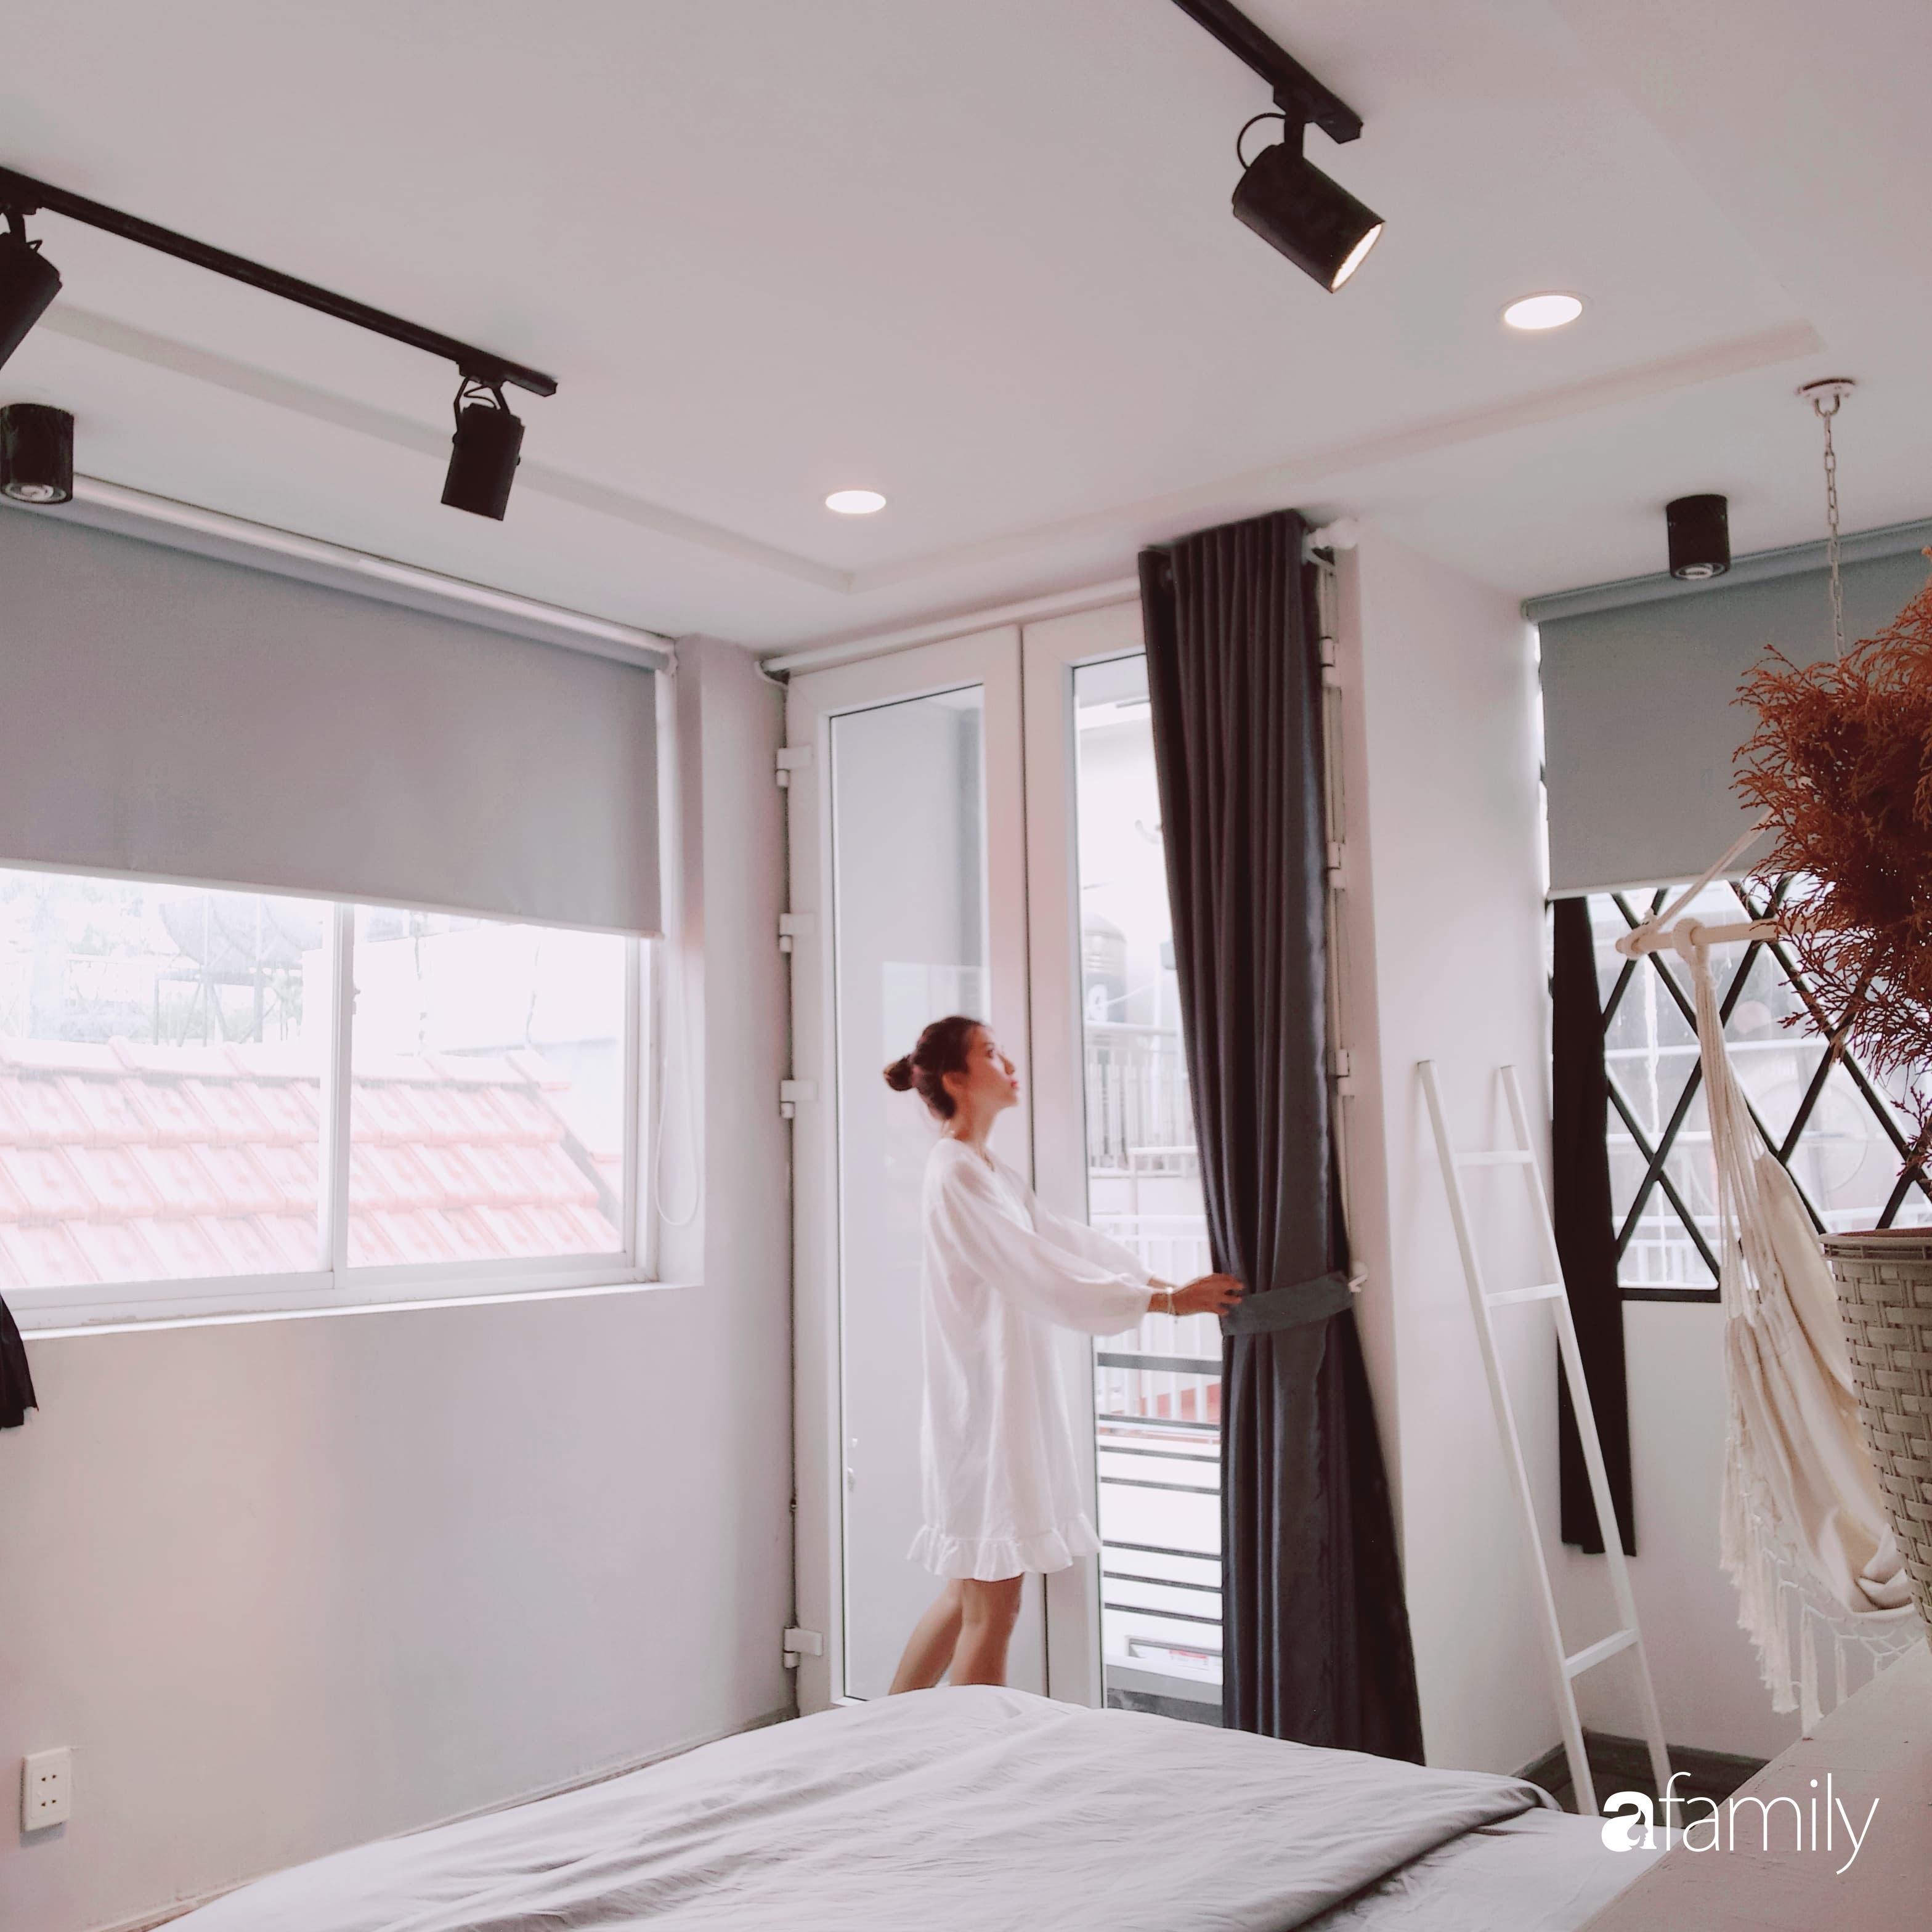 Chi 20 triệu đồng, sân thượng tầng 4 trở thành không gian sống tiện ích, nhiều ánh sáng tự nhiên ở quận 1, Sài Gòn - Ảnh 14.